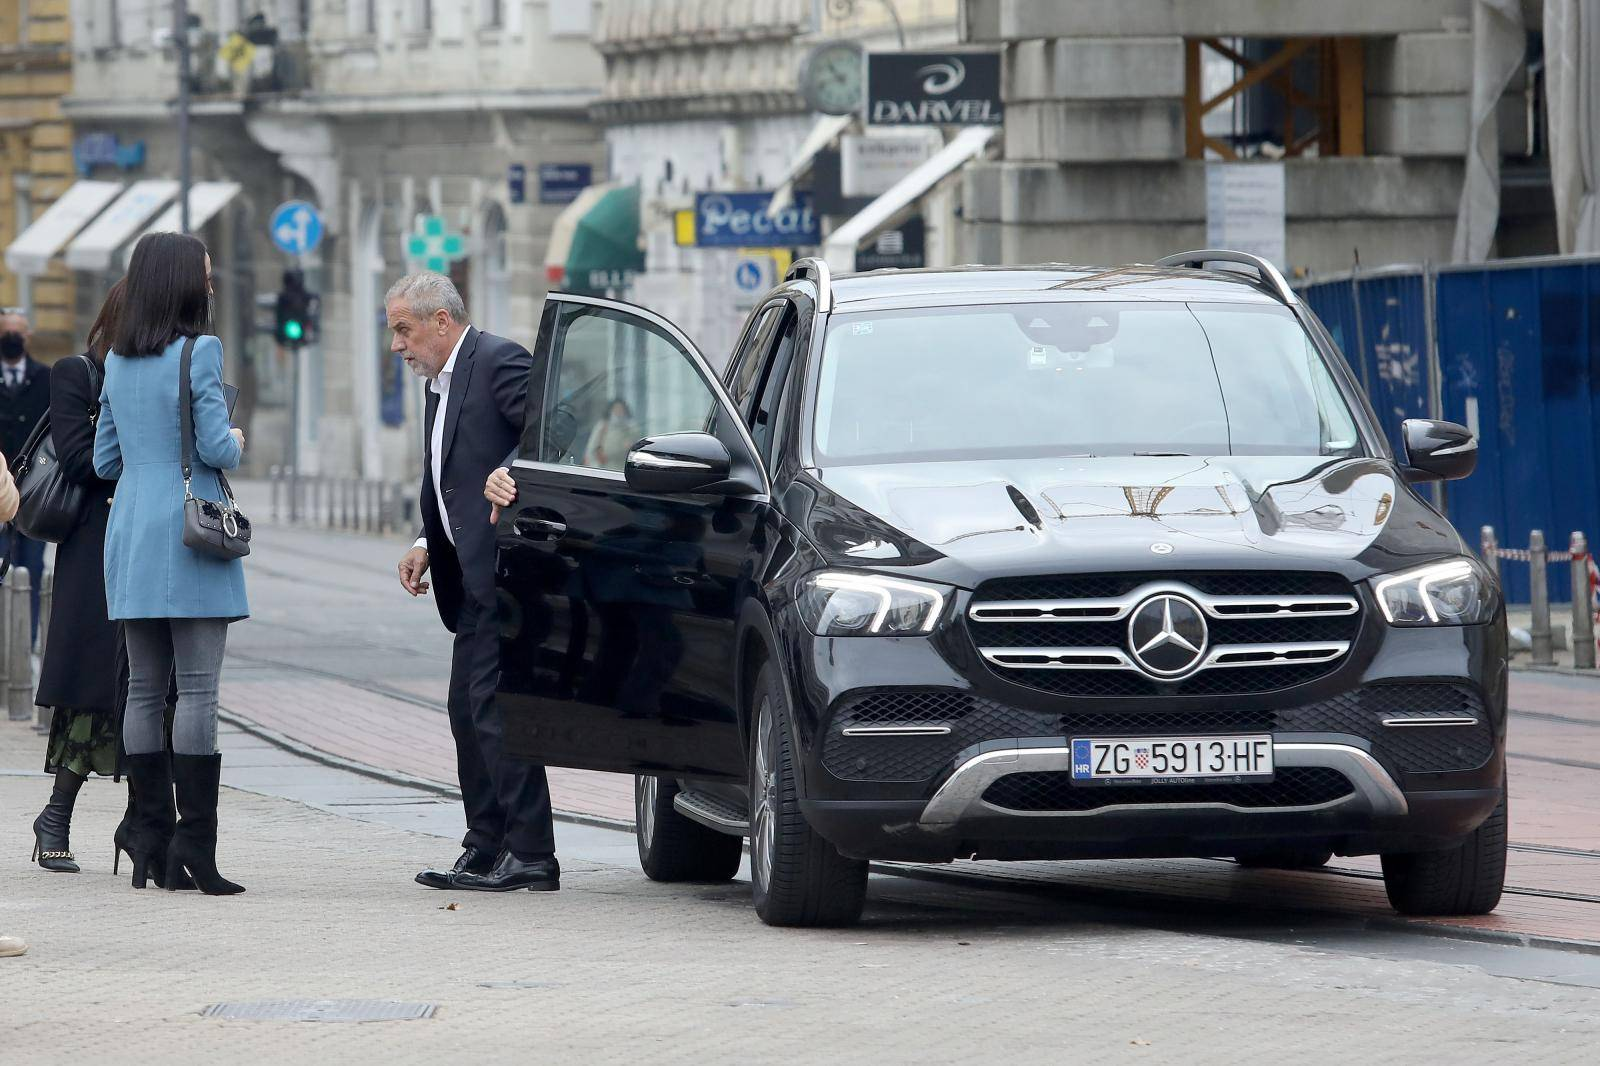 Zagreb: Gradinačelnik se poput predsjednika i premijera odlučio za poznatu automobilsku marku